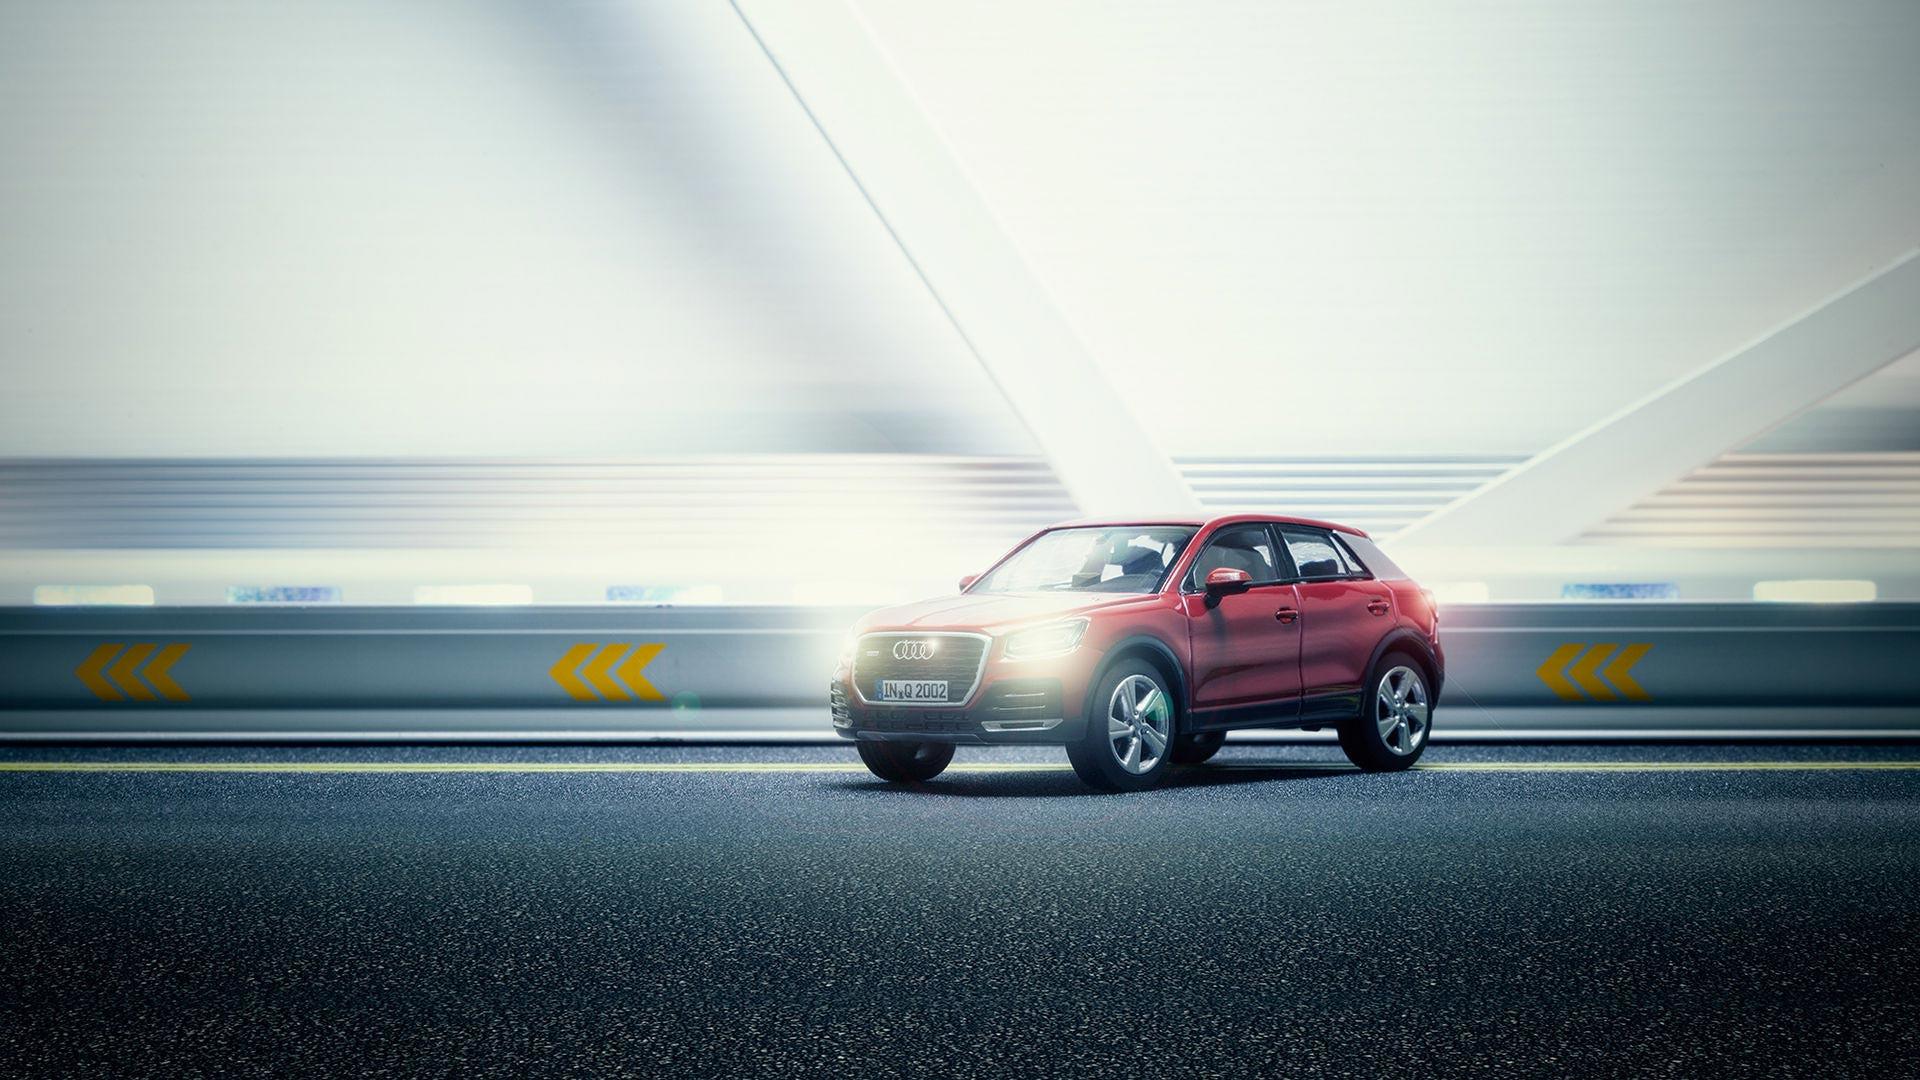 Audi_Q2_Scale_Model_Ad_05